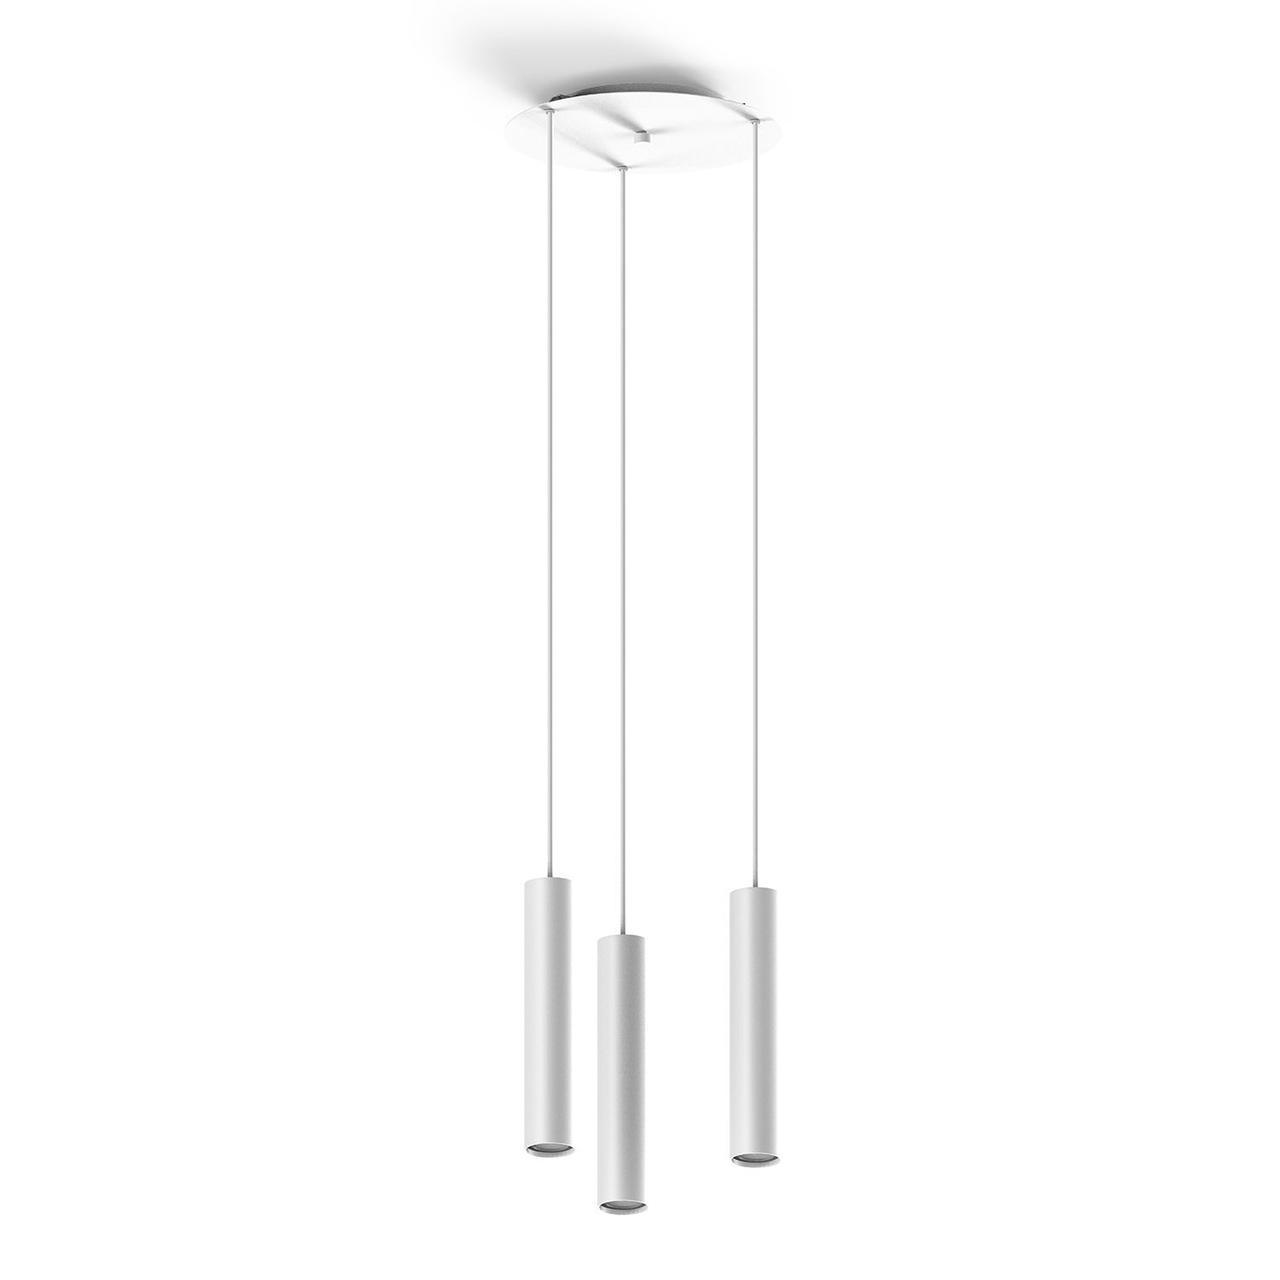 Світильник 3 ламповий, підвіс, точковий світильник 40509-1